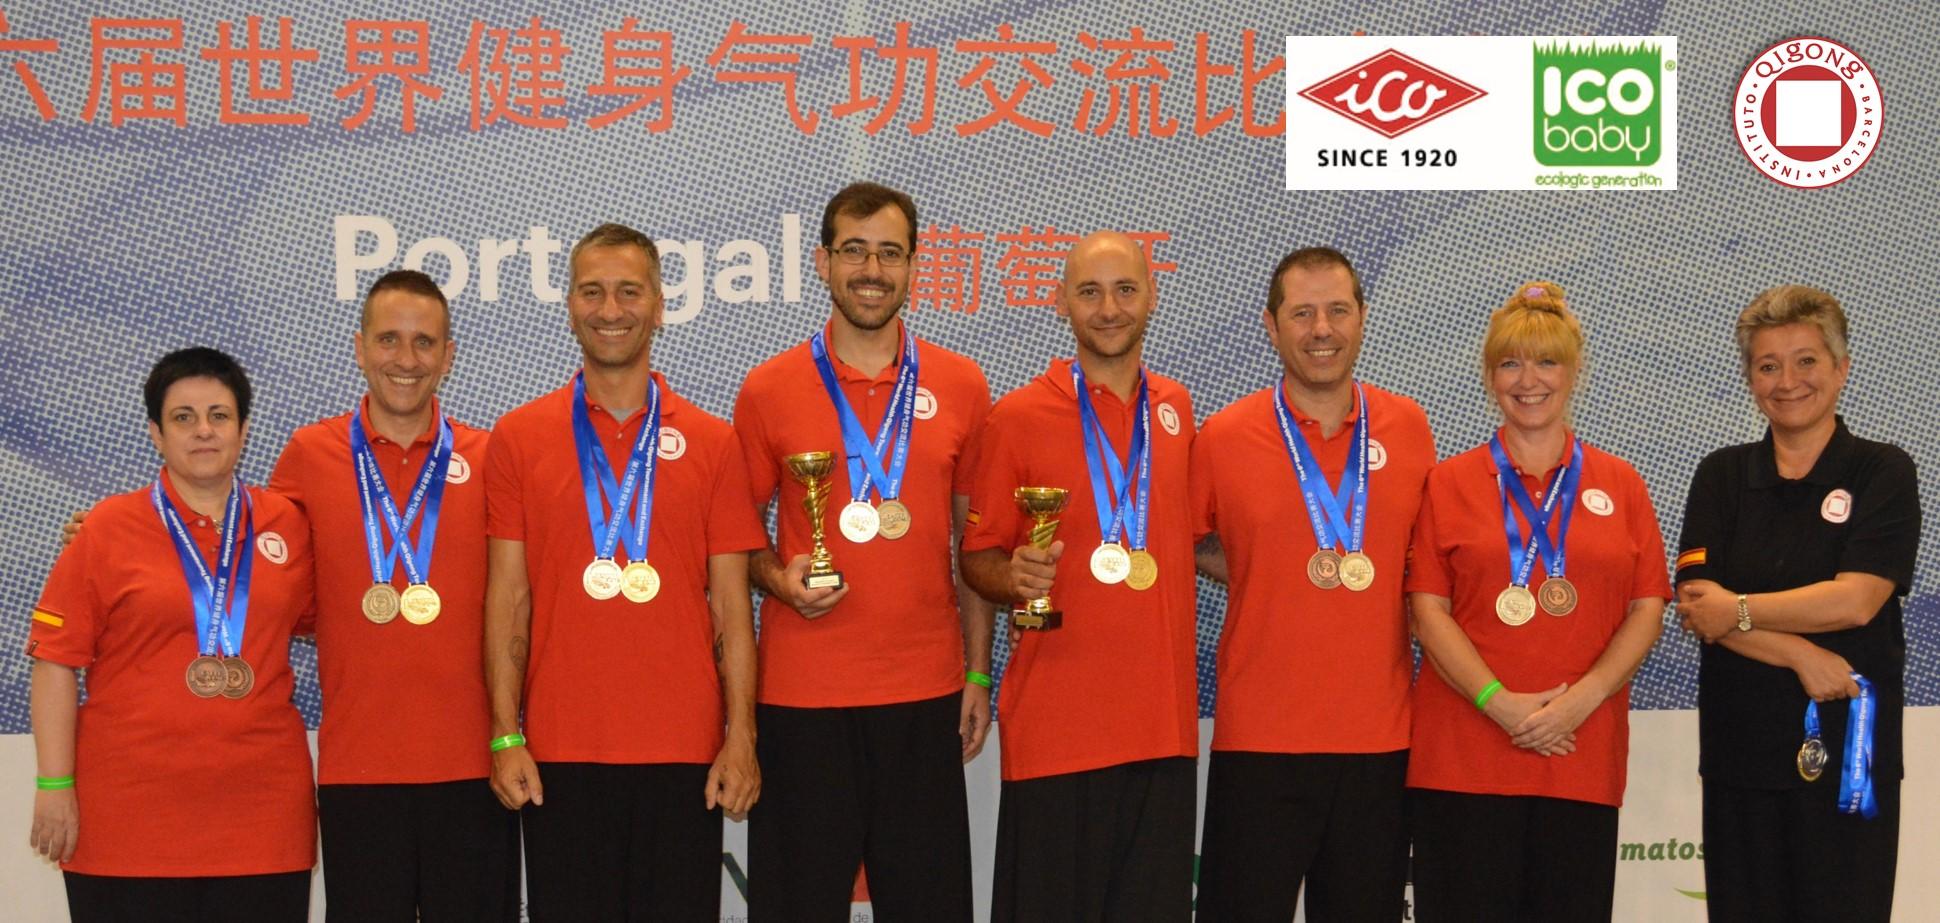 Equipo ICO BABY / Instituto Qigong Barcelona Campeón del Mundo!